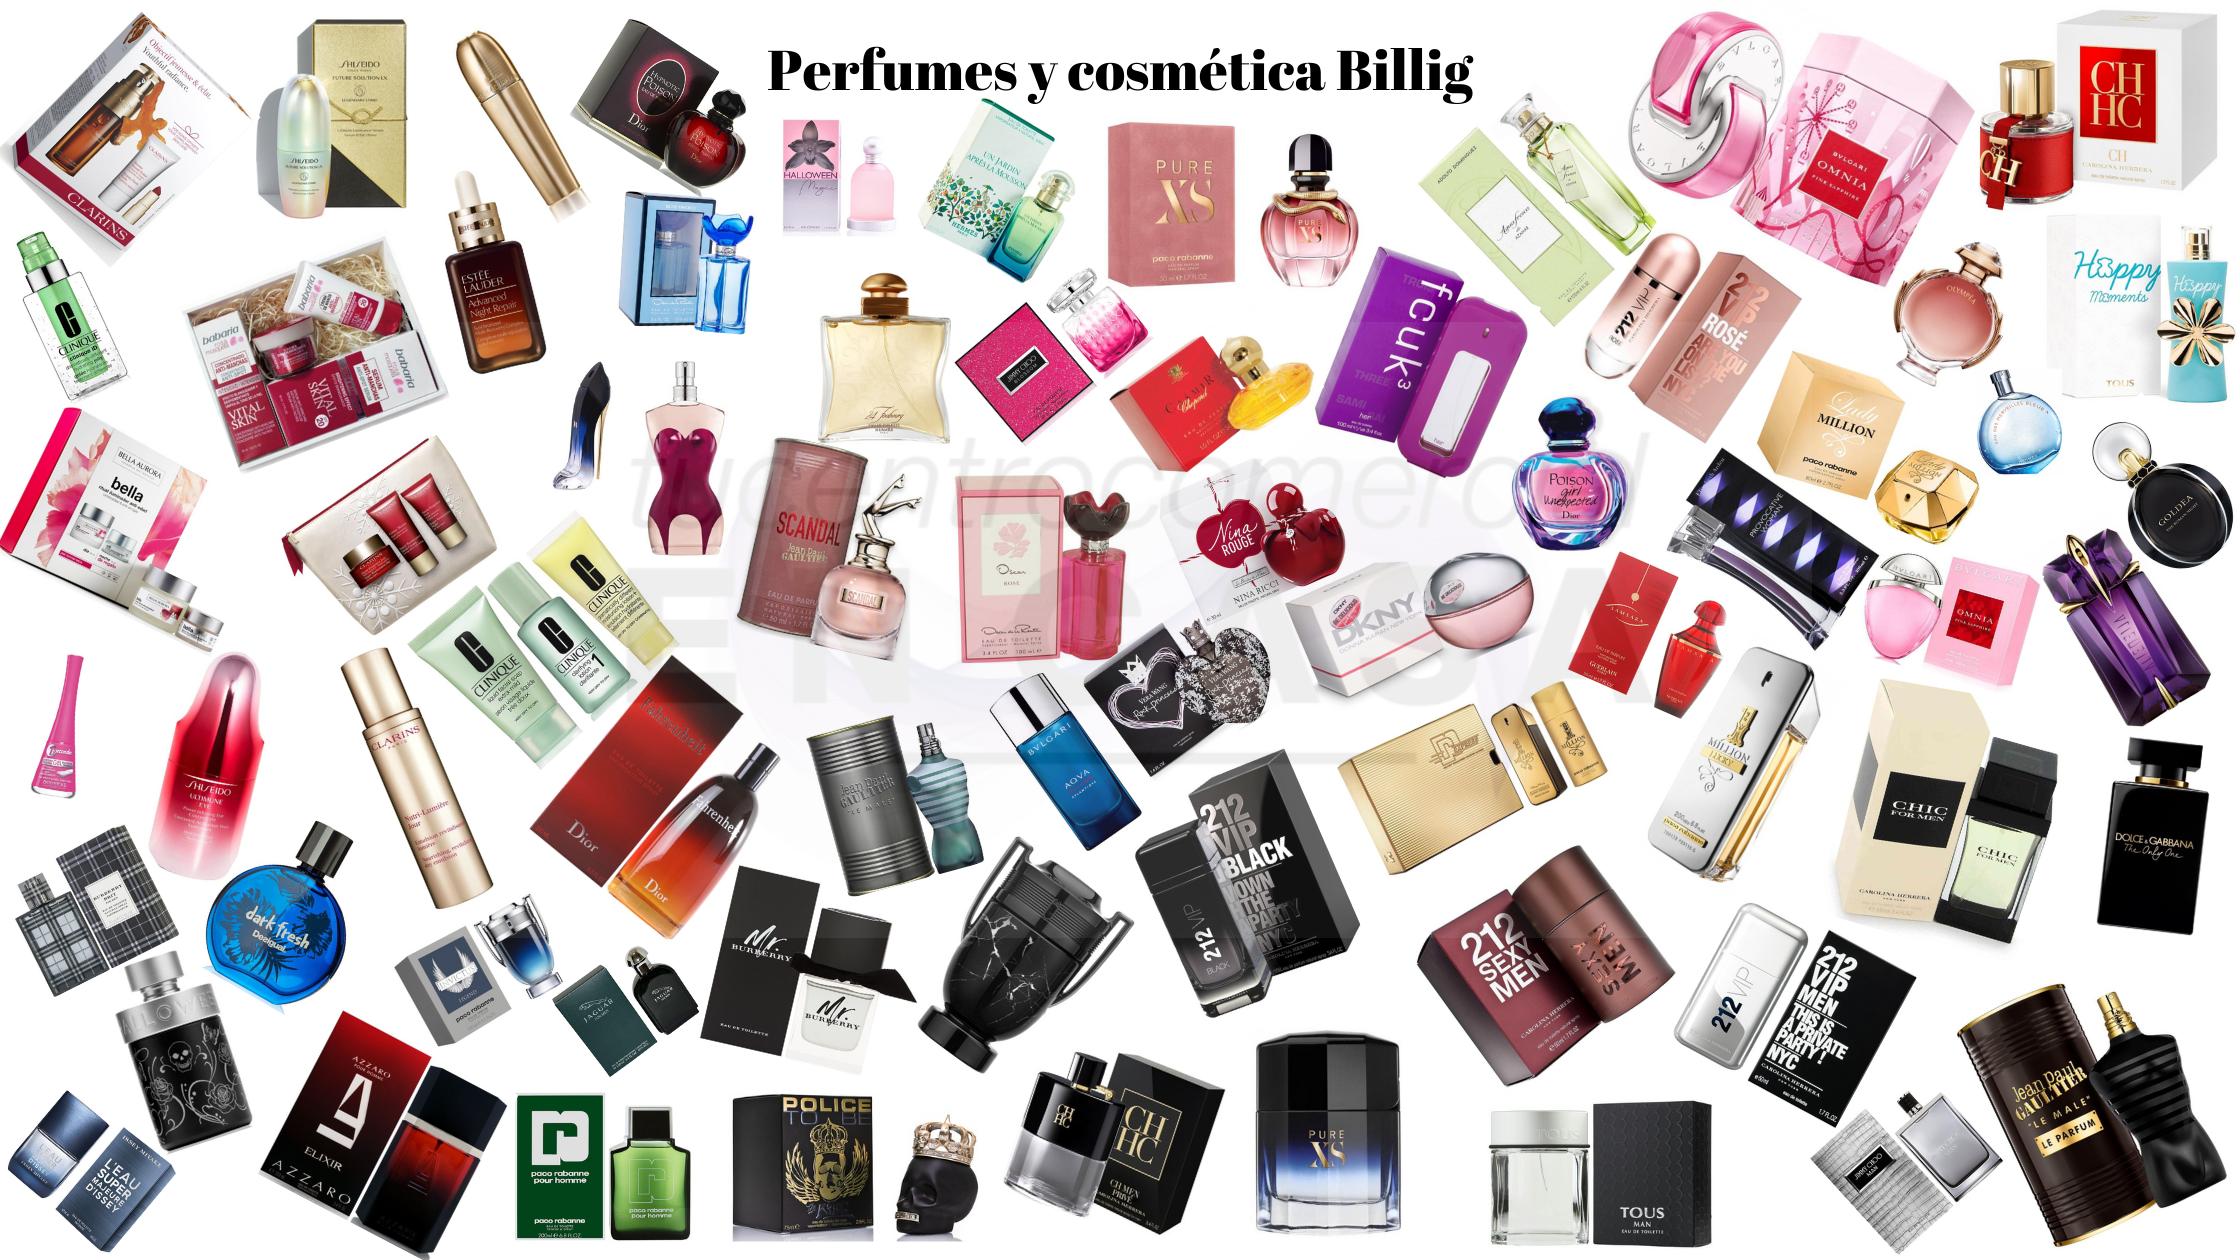 Perfumes y cosmética